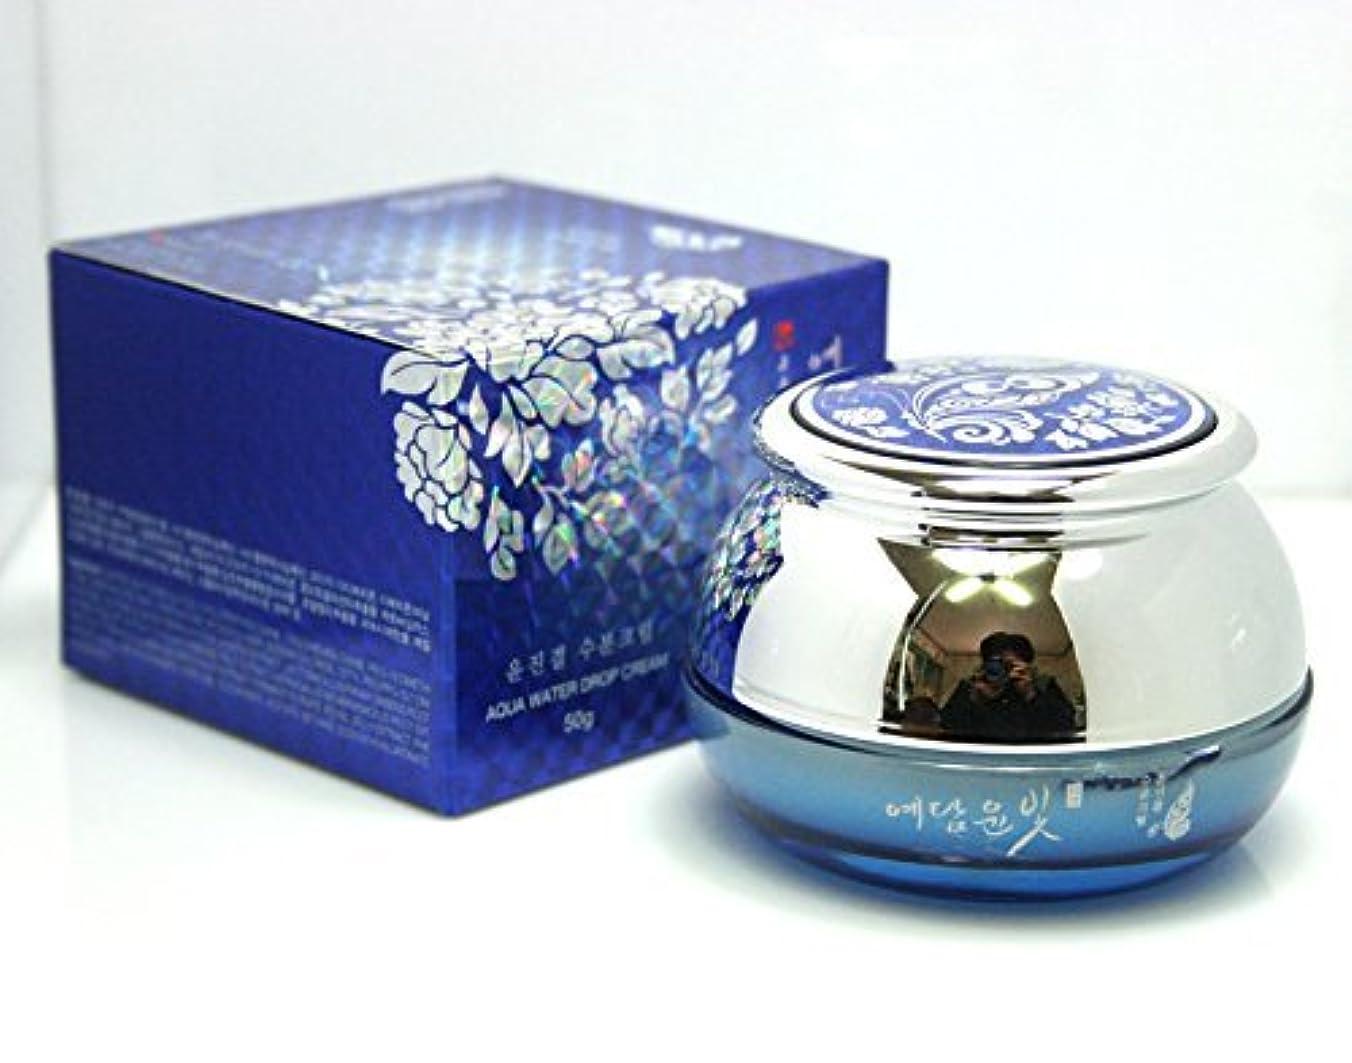 決定する哲学つらい[YEDAM YUN BIT] Yunjin Gyeolアクアウォータードロップクリーム50g / オリエンタルハーブ / 韓国化粧品 / Yunjin Gyeol Aqua Water Drop Cream 50g /...